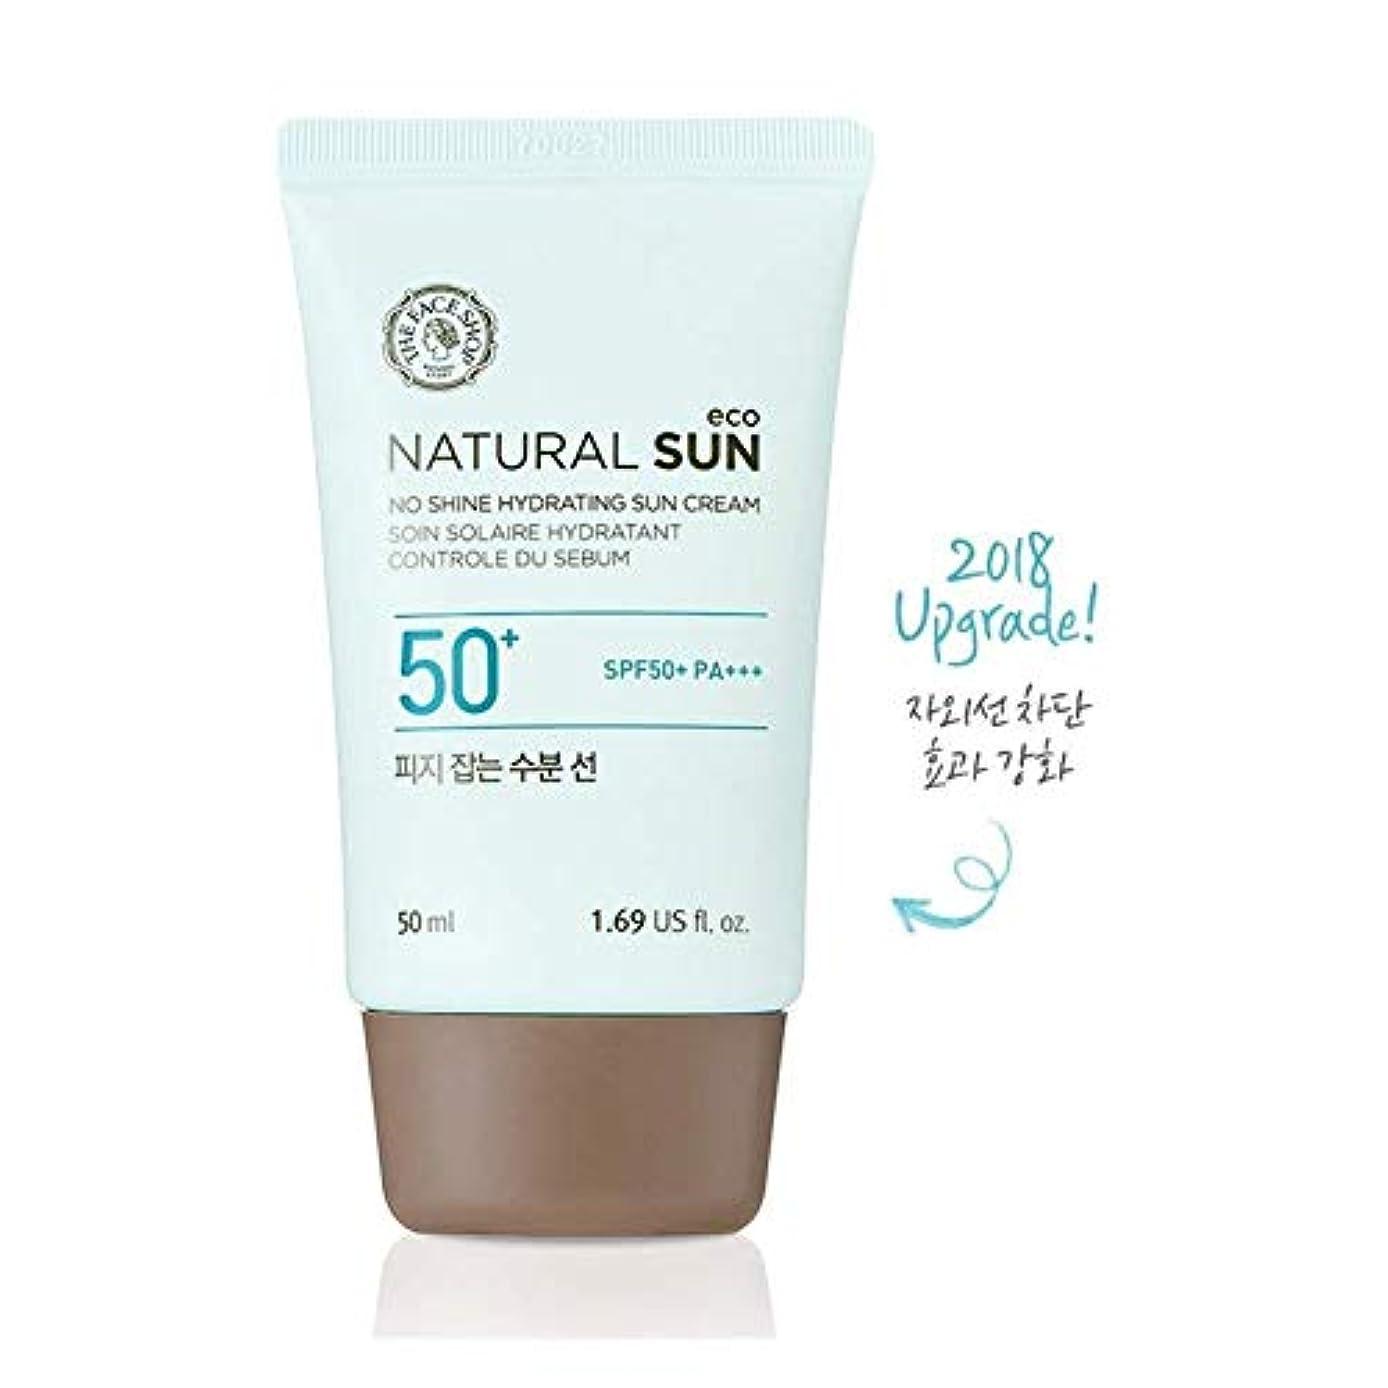 提案アトラスフロンティアザ?フェイスショップ ネチュロルソンエコフィジーサン?クリーム SPF50+PA+++50ml 韓国コスメ、The Face Shop Natural Sun Eco No Shine Hydrating Sun Cream...